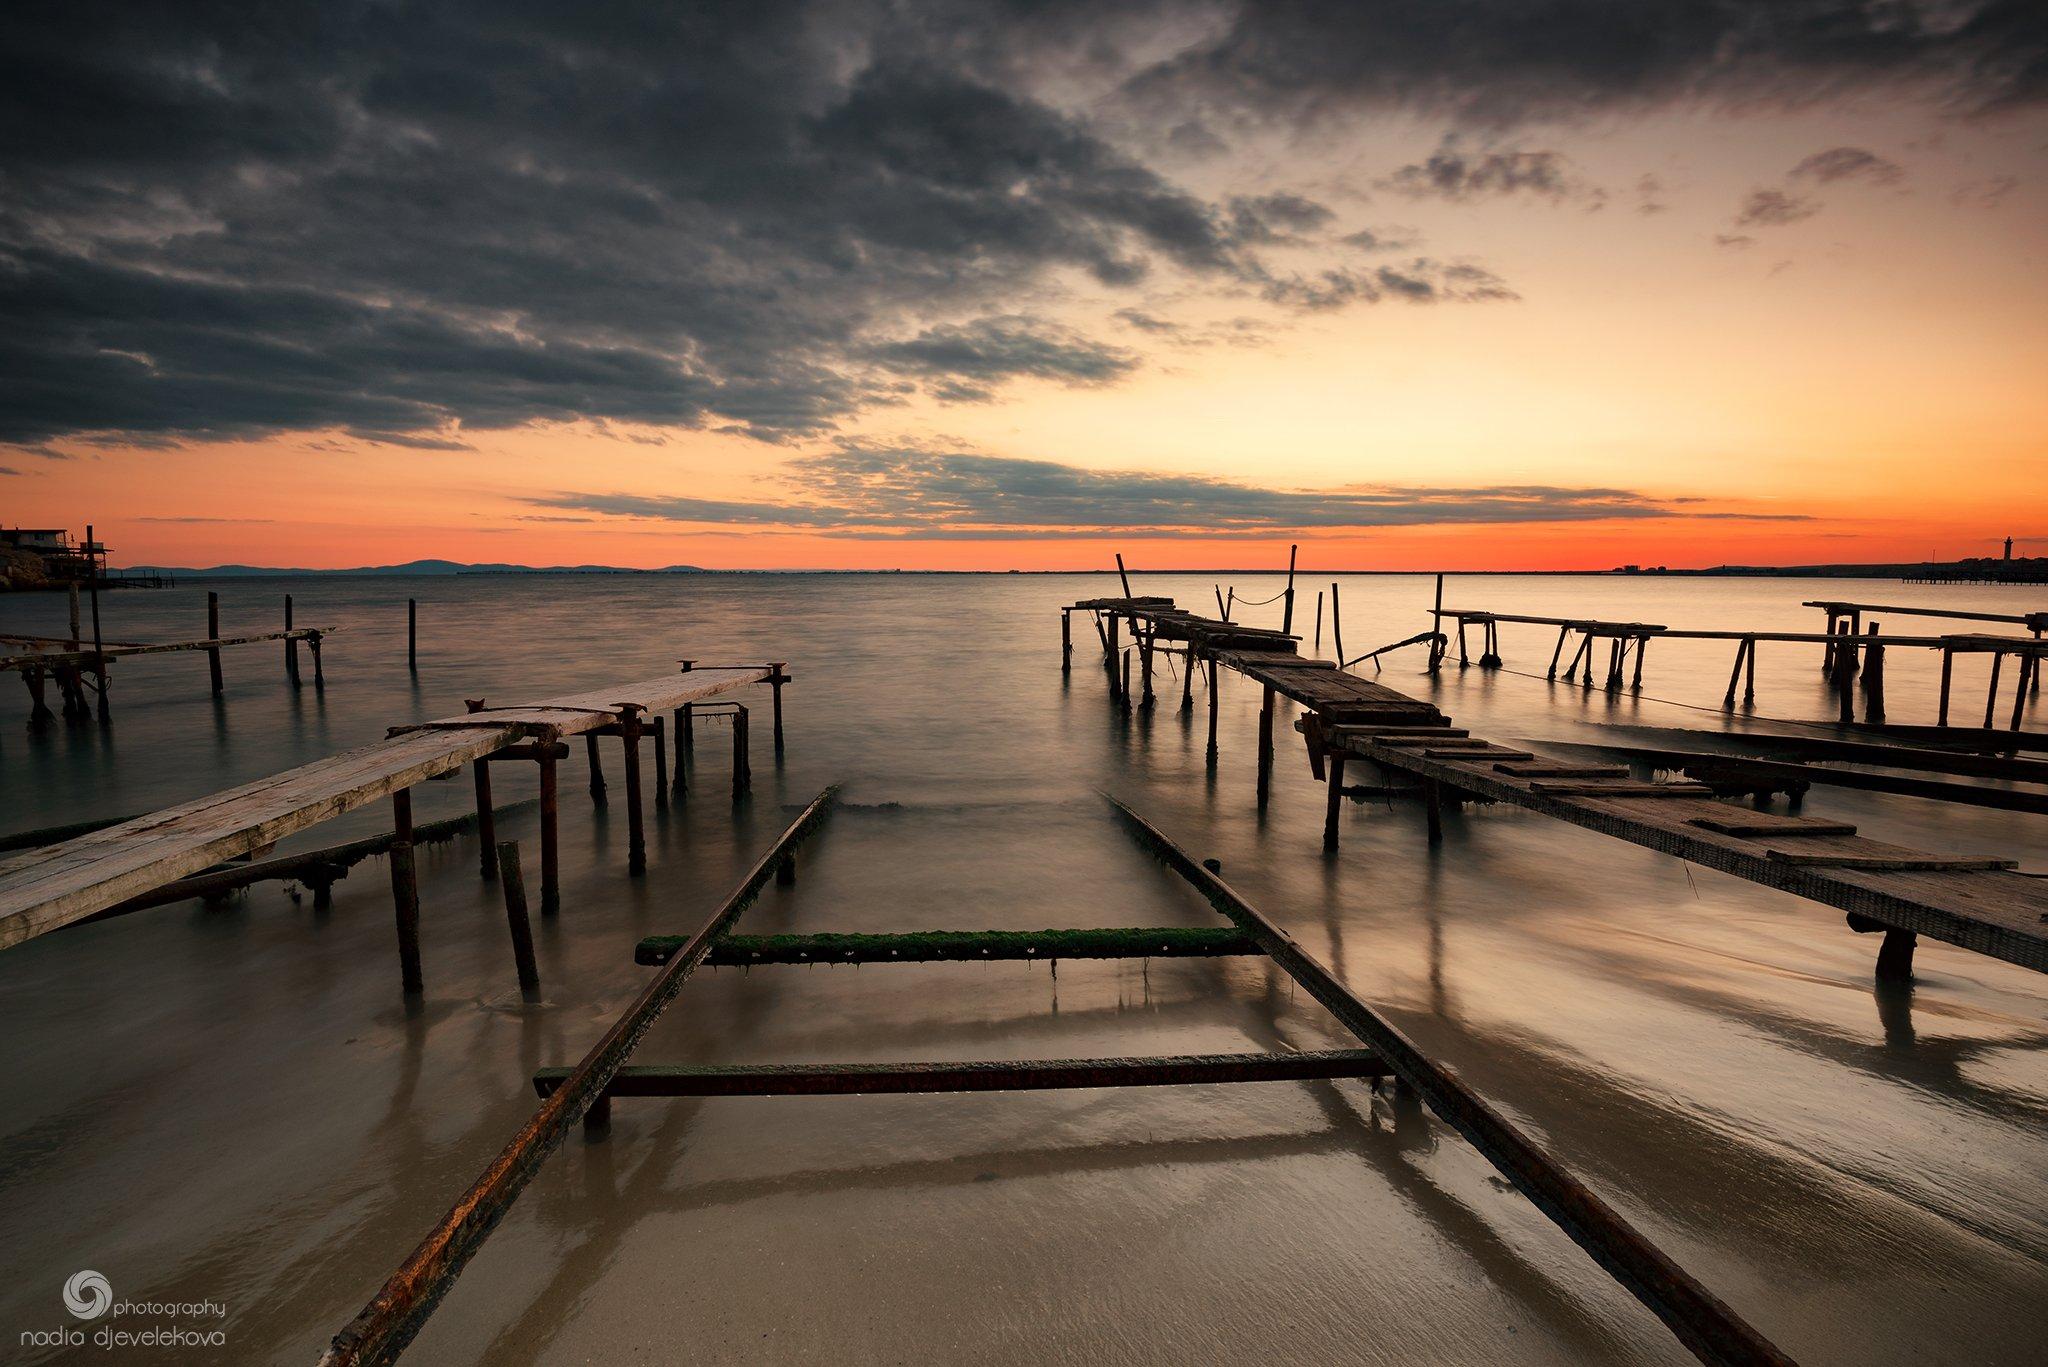 sunset, clouds, cloudscape, sky, autumn, sea, sun, Надя Джевелекова